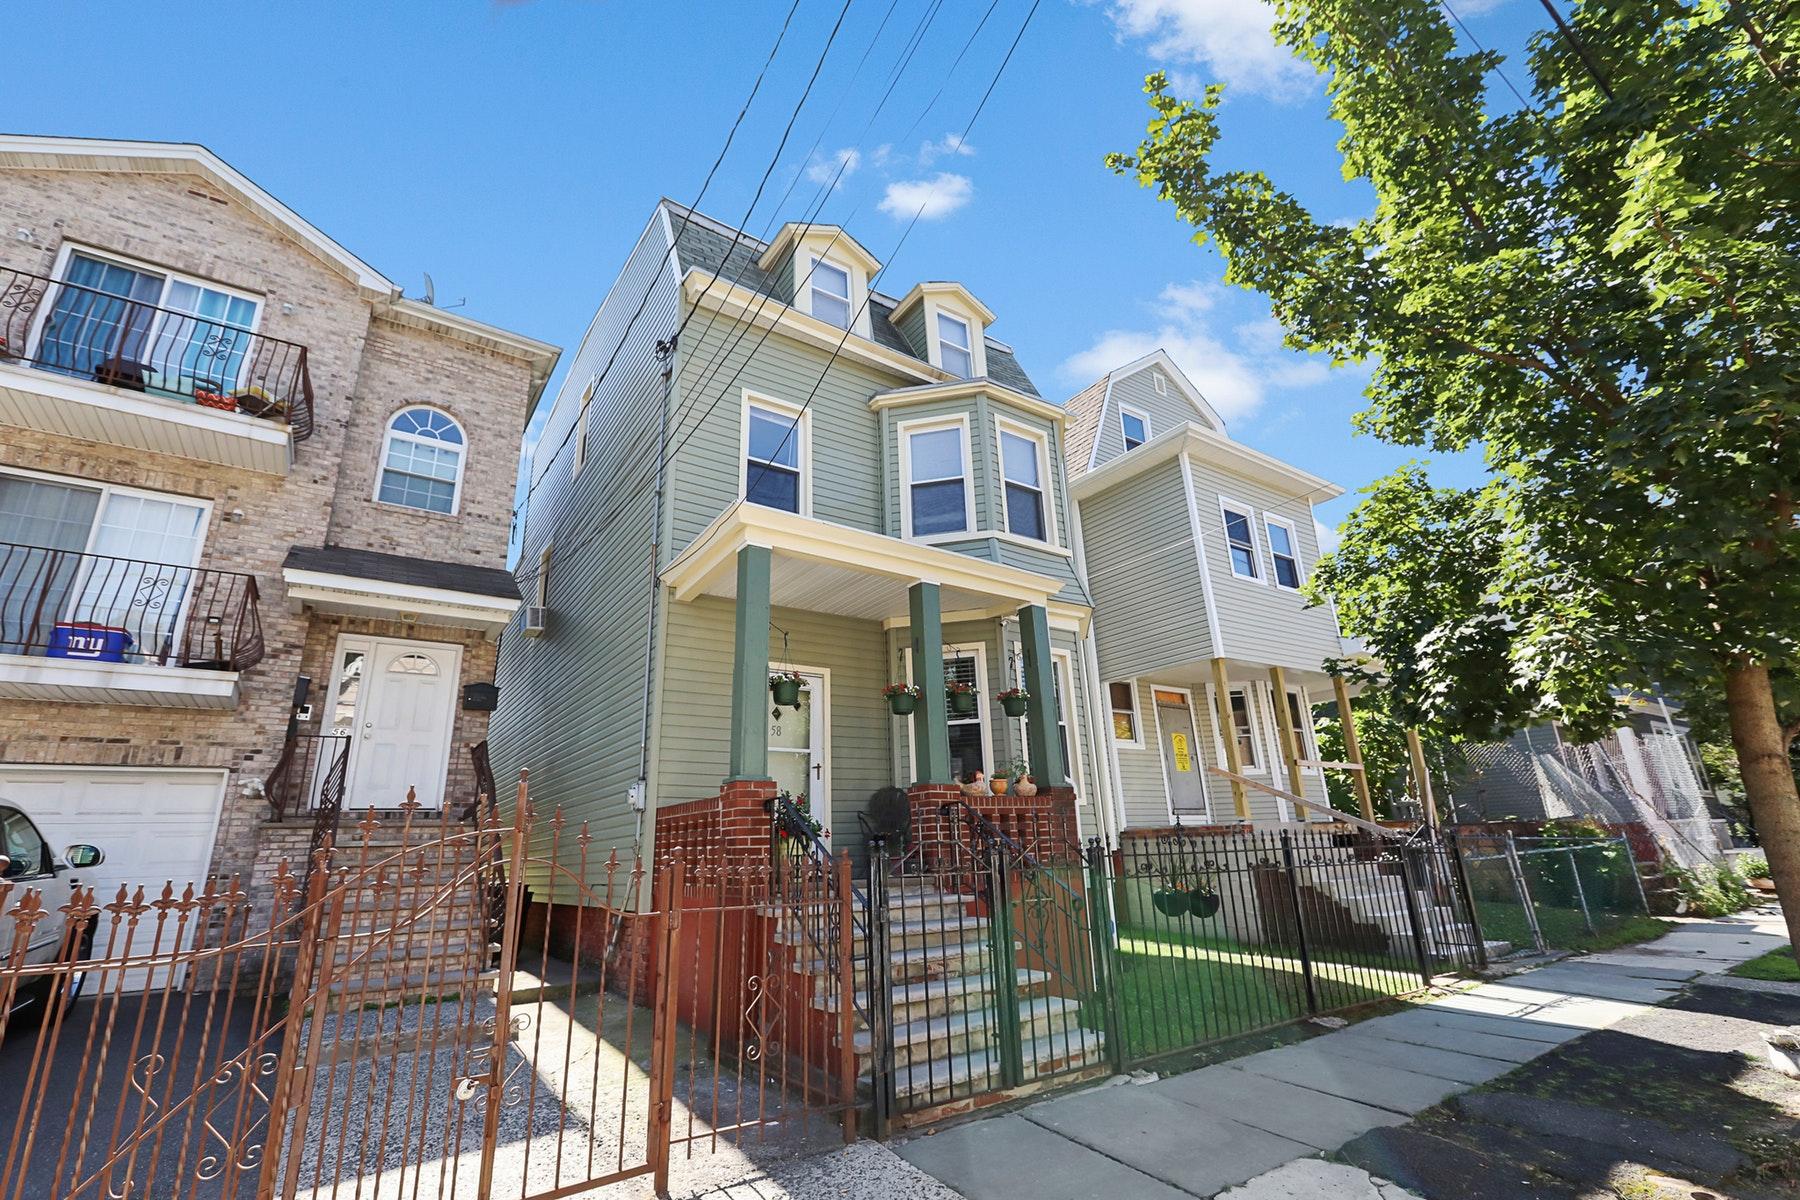 獨棟家庭住宅 為 出售 在 Charming Six Bedroom Home 58 South 12th Street, Newark, 新澤西州 07107 美國